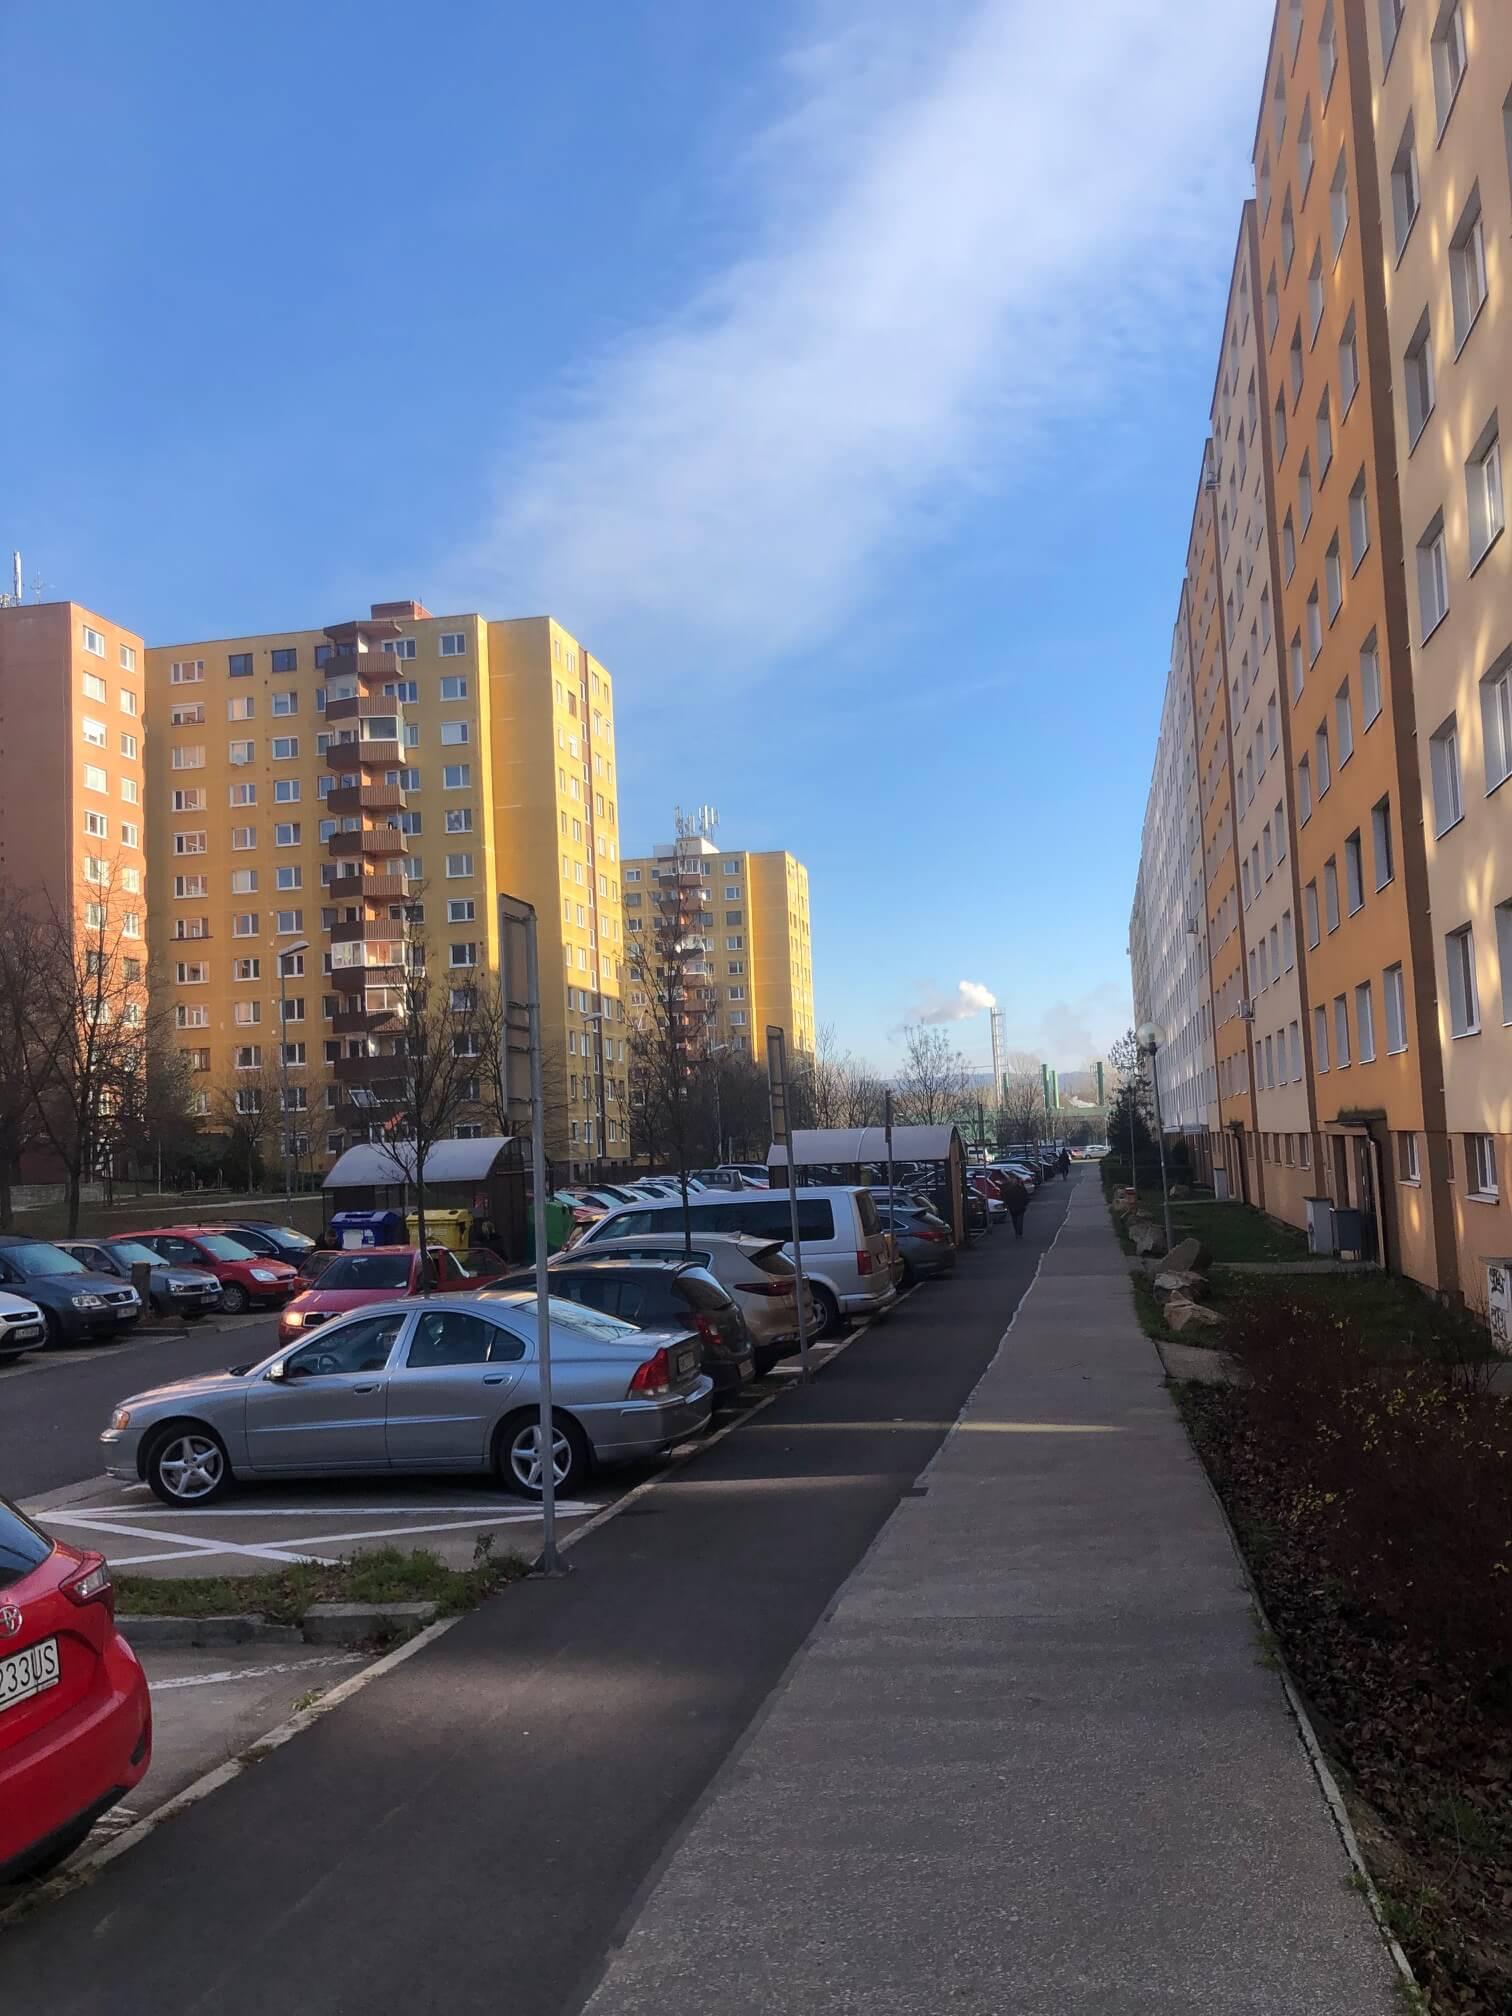 Predané: Exkluzívne na predaj 3 izbový byt, Devínska Nová Ves, Jána Poničana 3, 65m2, balkon 4m2,klimatizácia-7